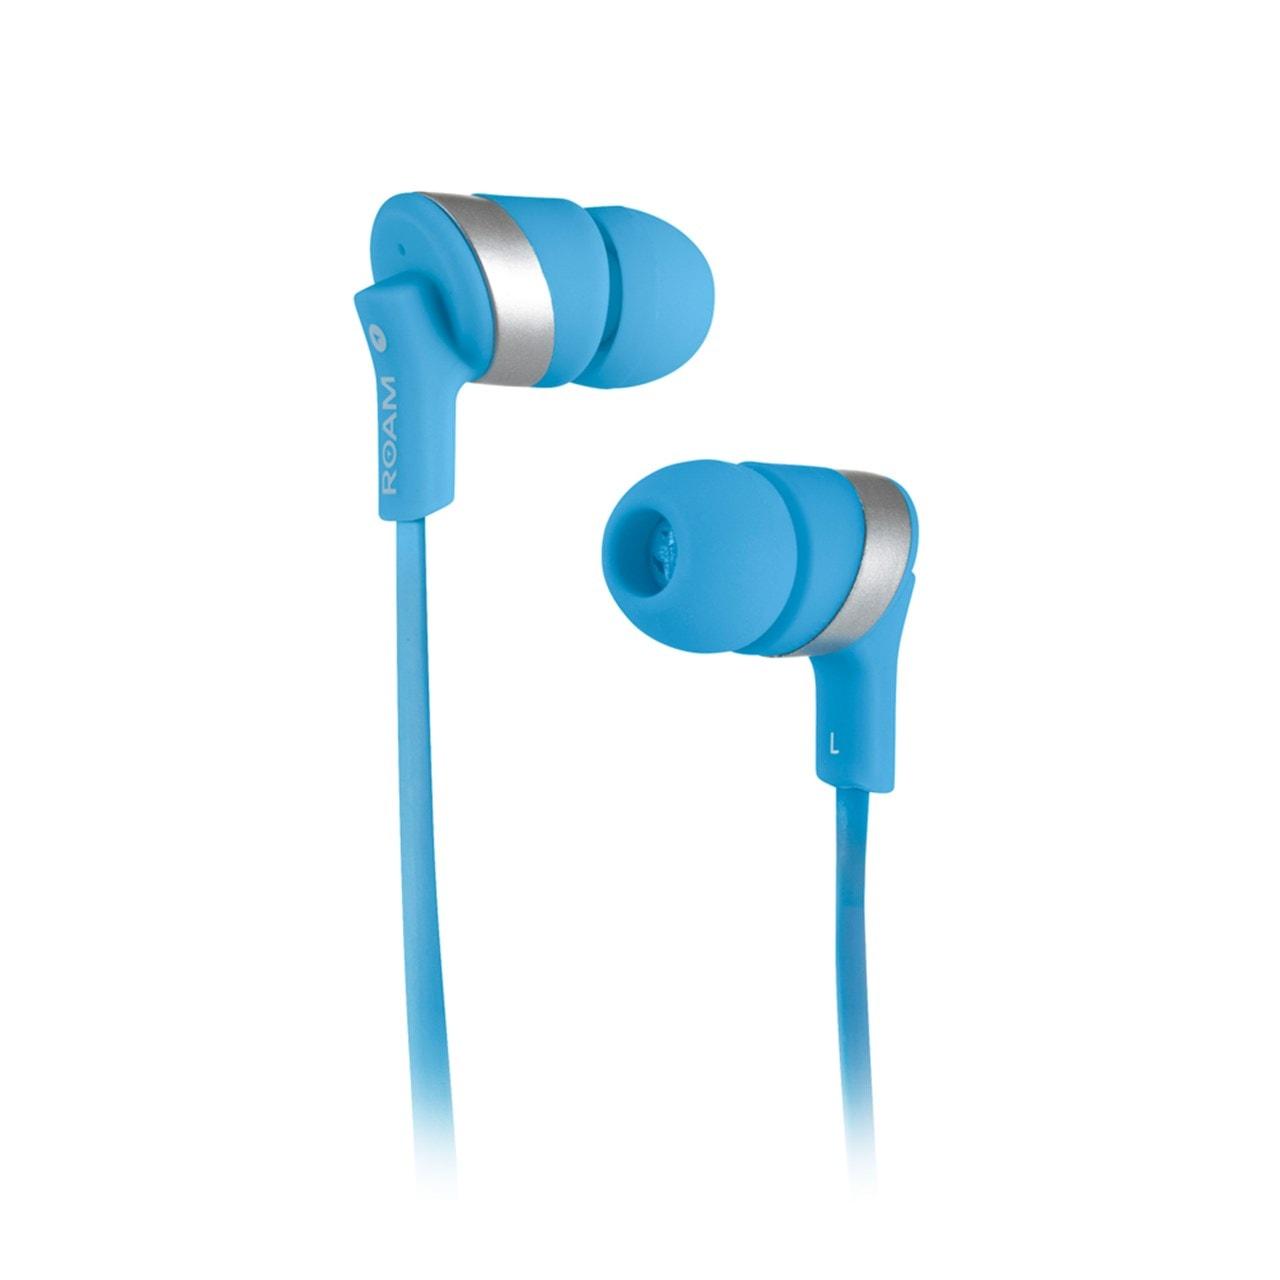 Roam Colours Blue Bluetooth Earphones (hmv Exclusive) - 1